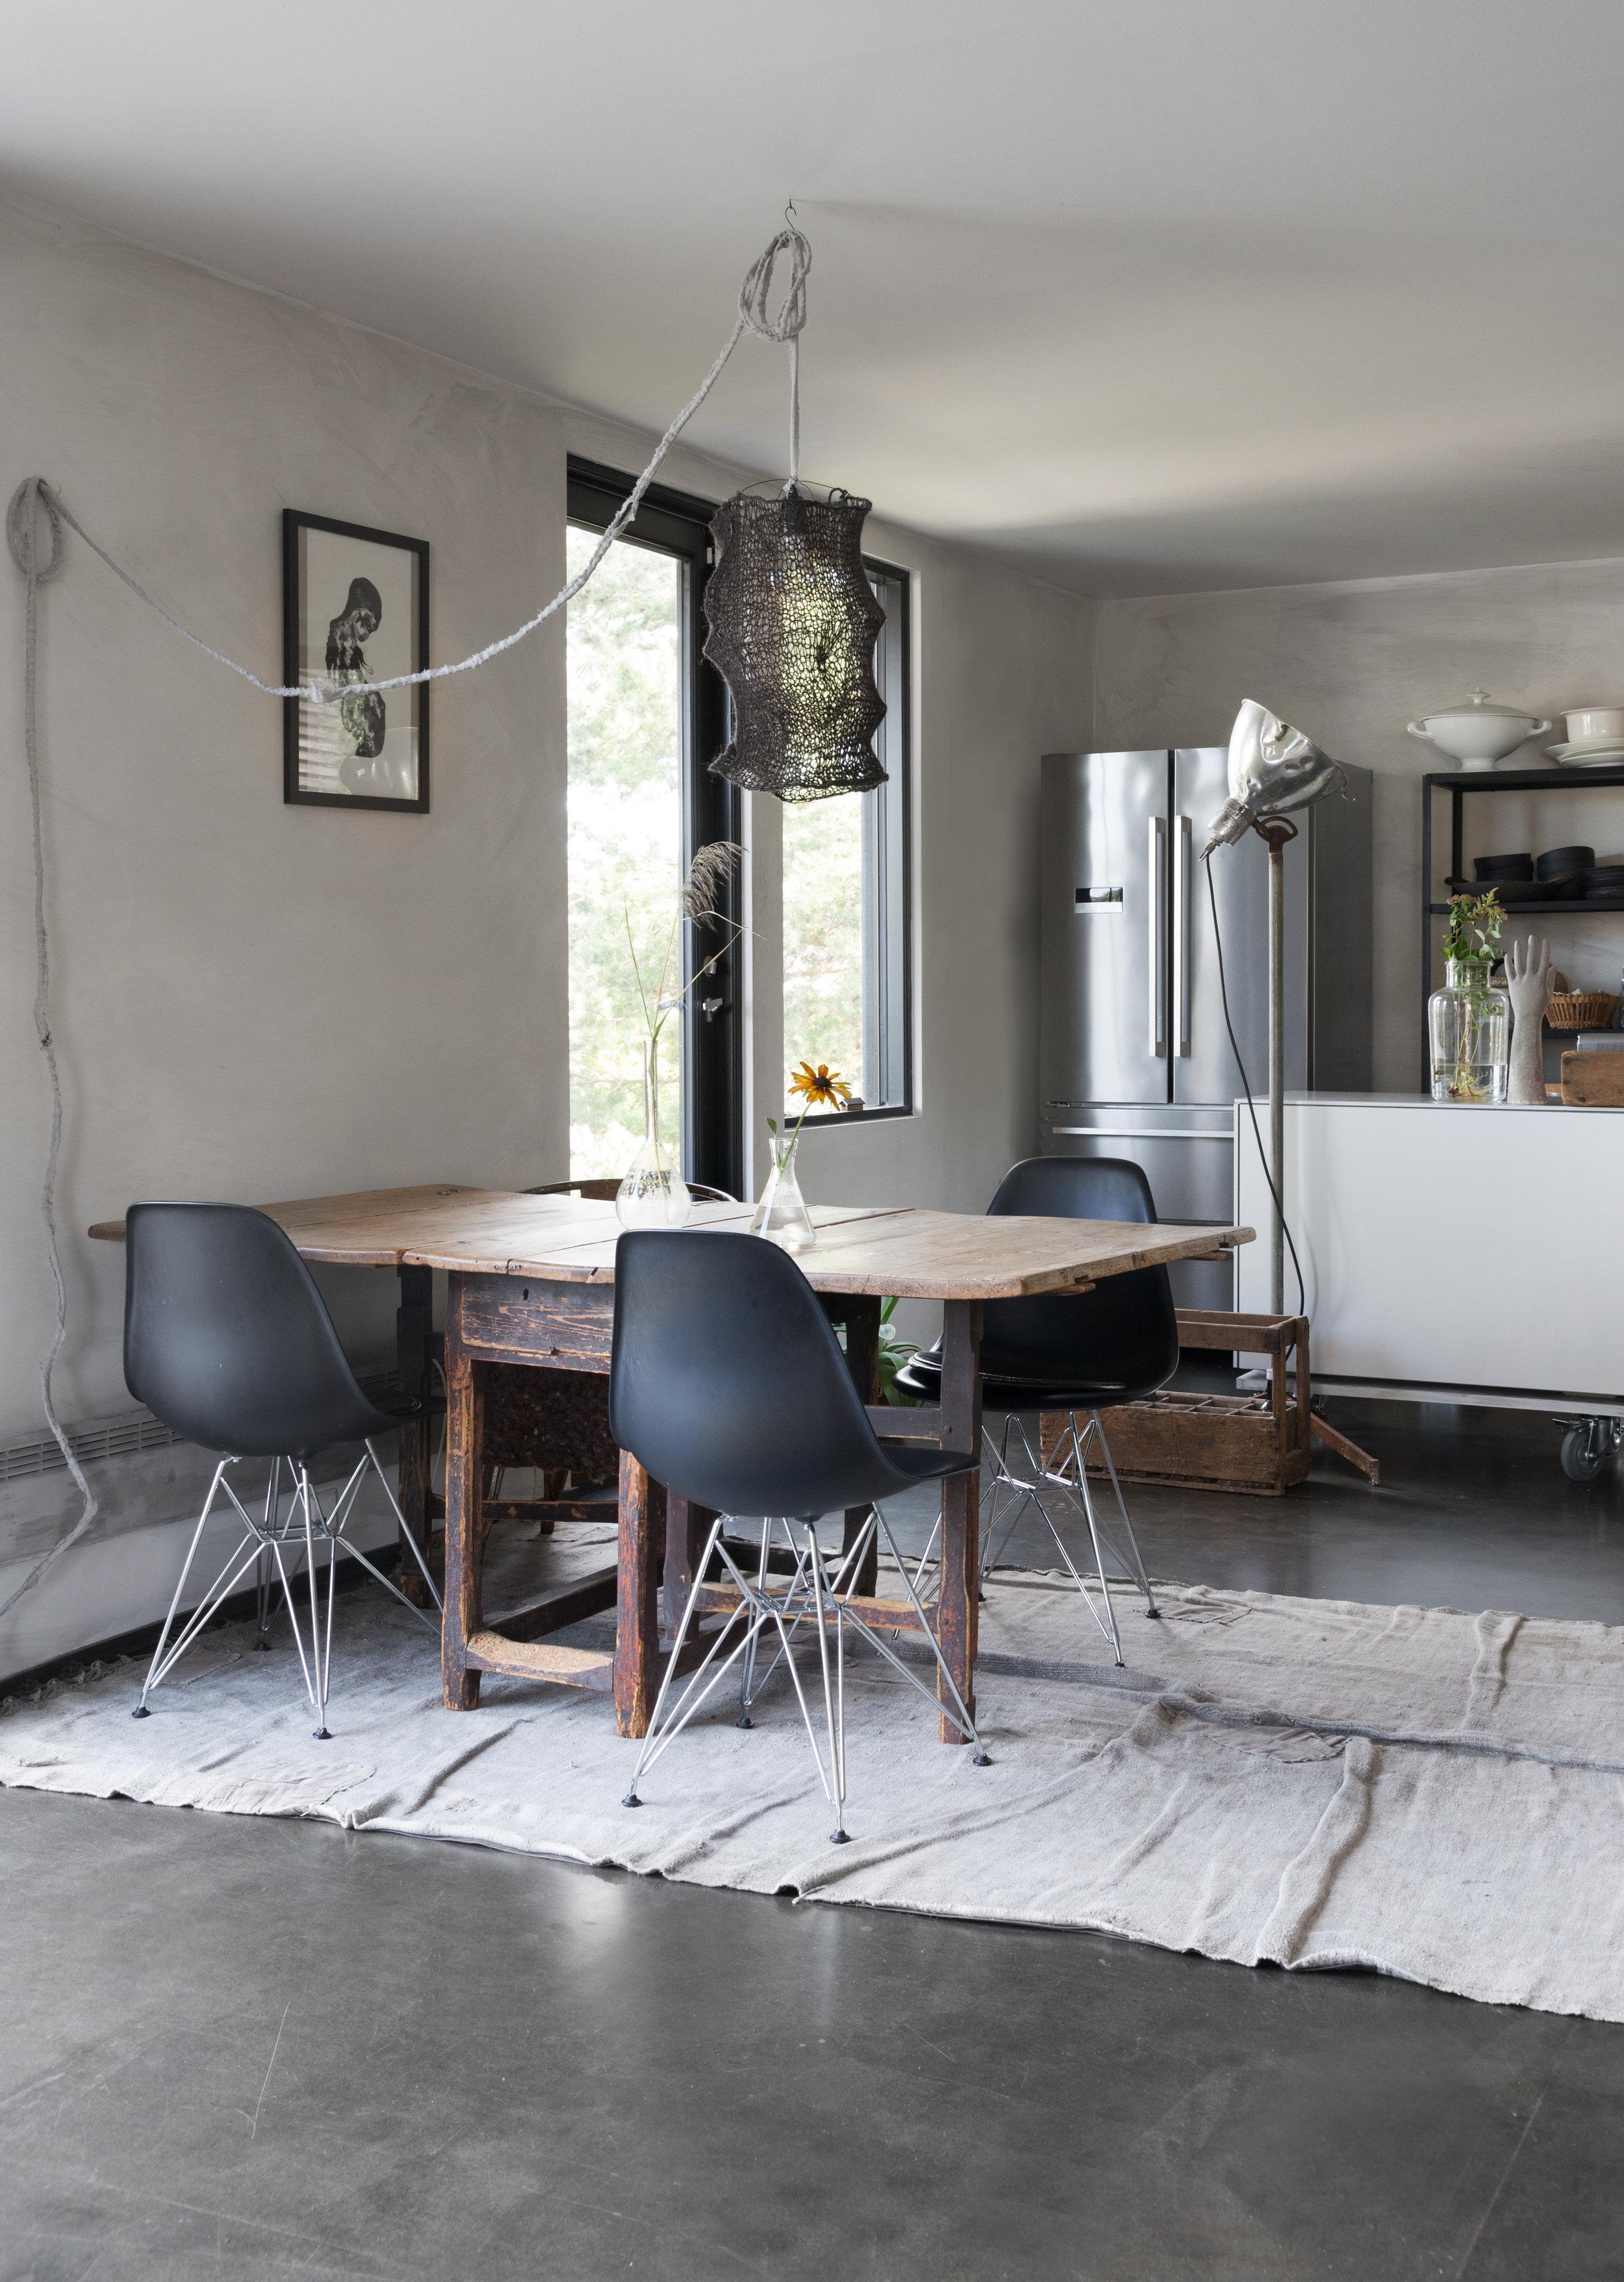 Det antikke gamle spisebordet er en fin kontrast til de stramme Eames spisestolene.